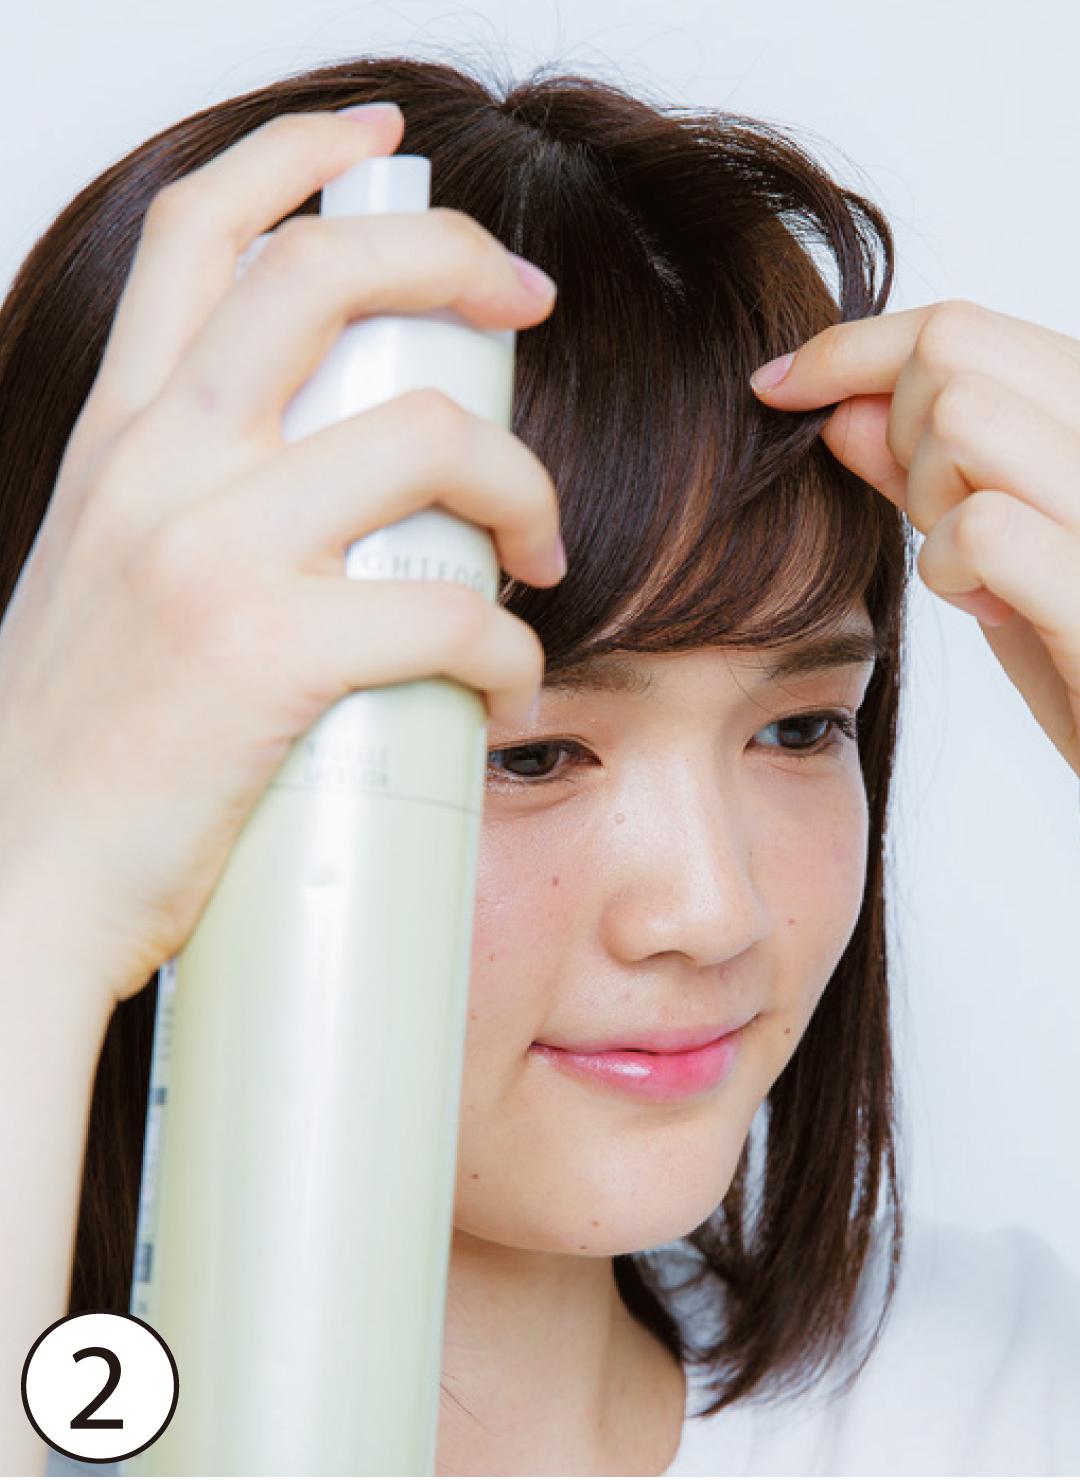 ②スプレーを使って前髪表面に立体感 基本のスタイリング④の後、前髪表面の毛束を少し取ってスプレーで浮かせる。立体感を作ることで、顔の横幅をカバー。